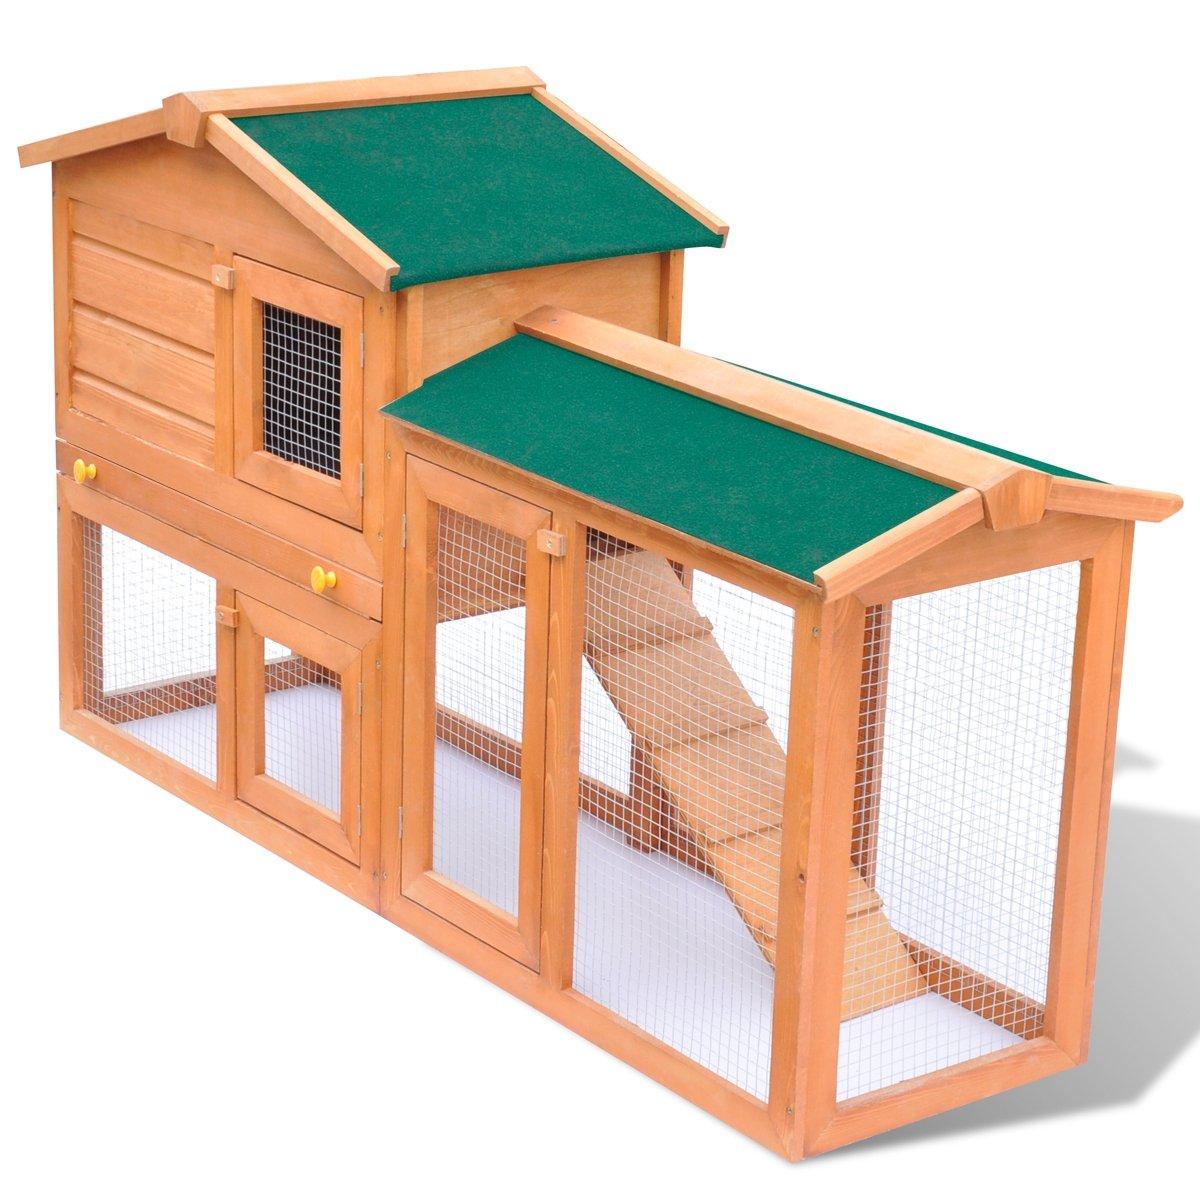 vidaXL Holz Kaninchenstall Hasenstall Kaninchenkäfig Hasenkäfig Kleintierhaus XXL